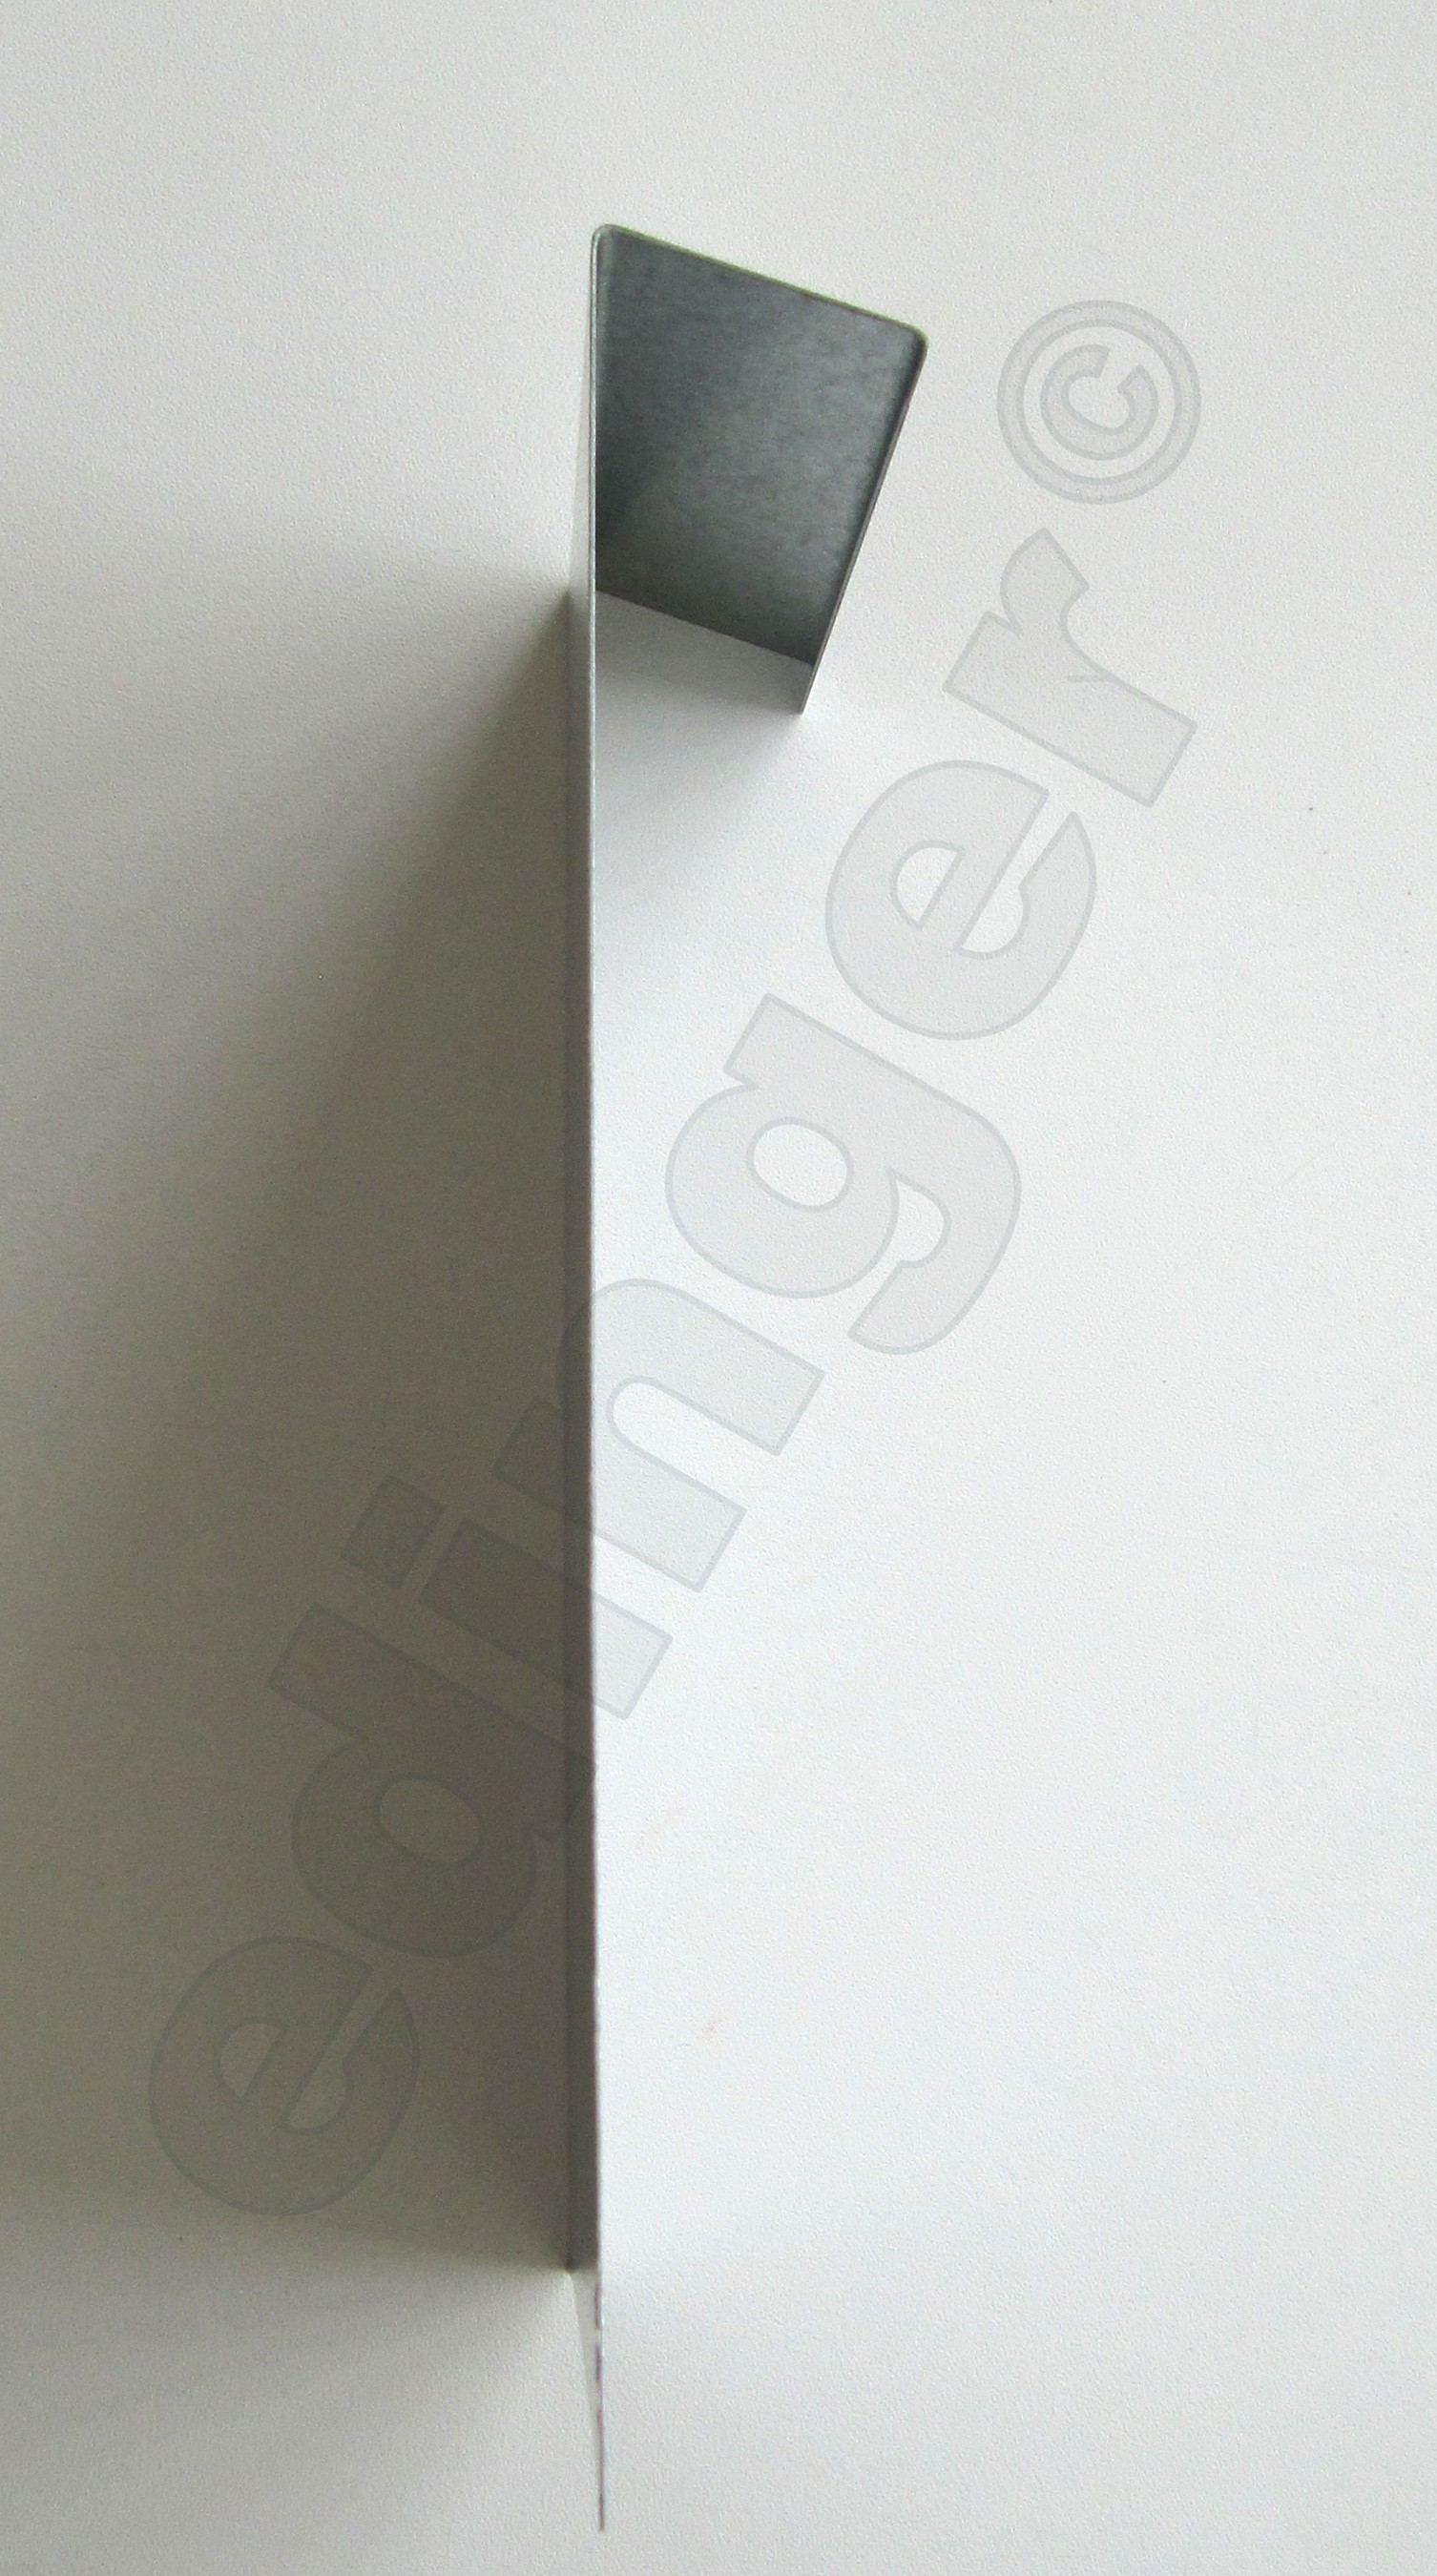 Schneckenzaun / Schneckenblech Metall 50x20cm Bild 2